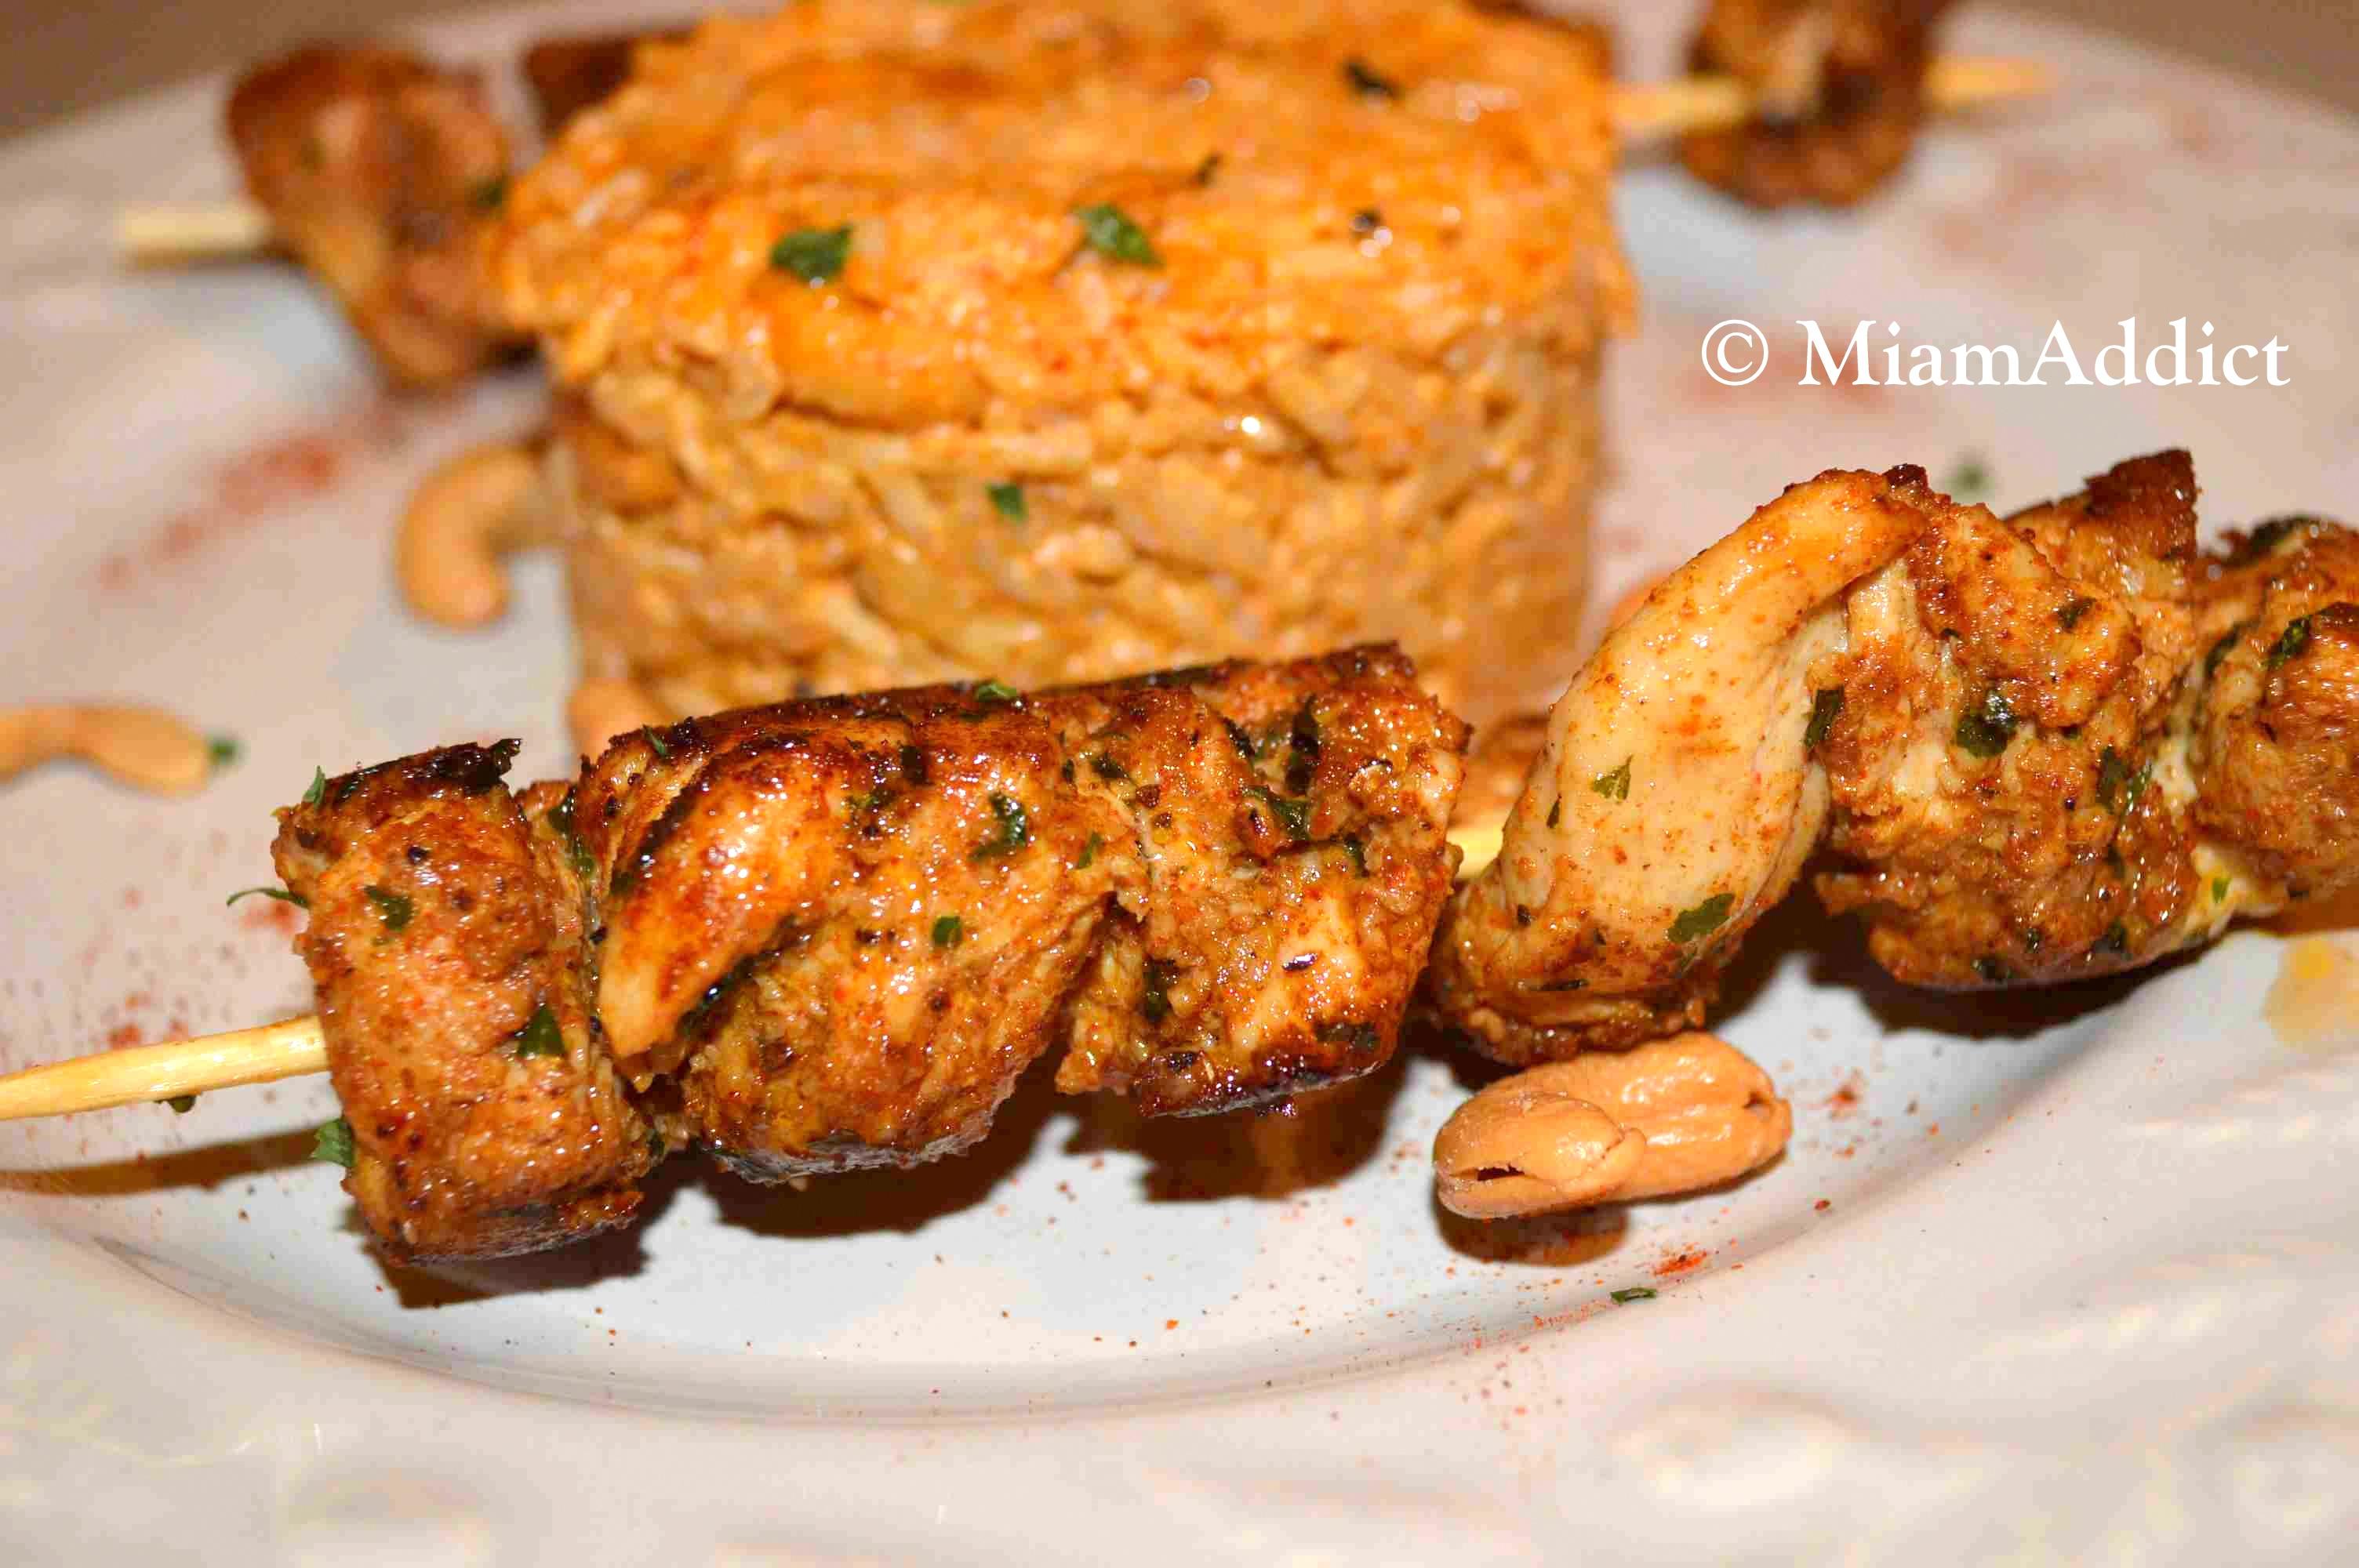 Brochettes de dinde au paprika miamaddict for Marinade au paprika pour barbecue